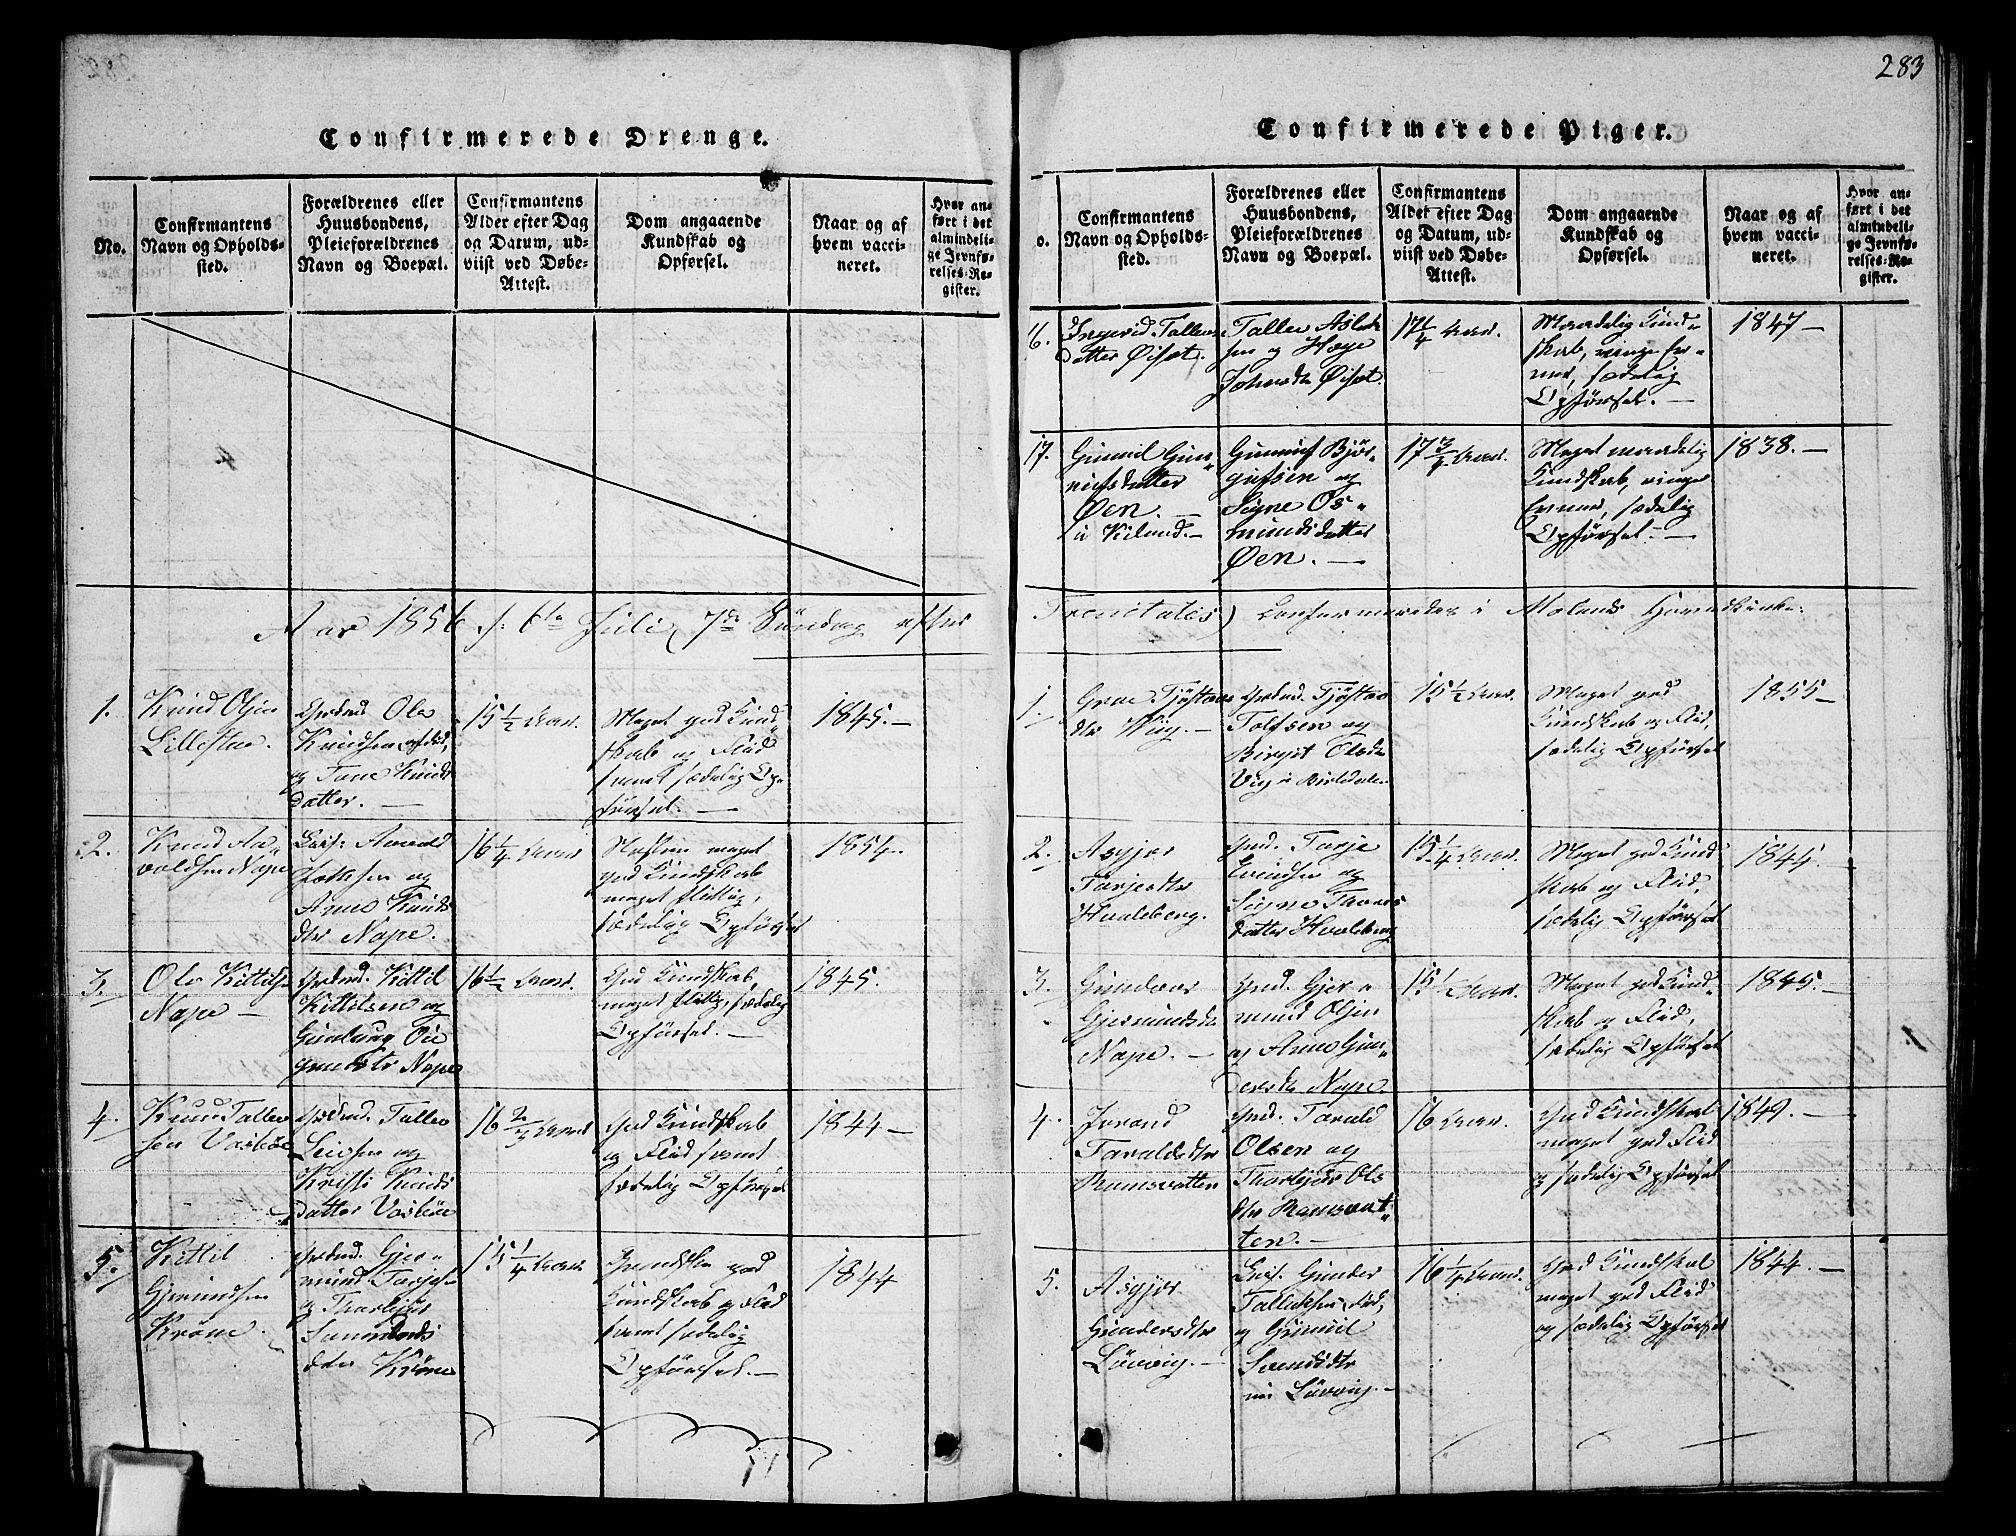 SAKO, Fyresdal kirkebøker, G/Ga/L0002: Klokkerbok nr. I 2, 1815-1857, s. 283